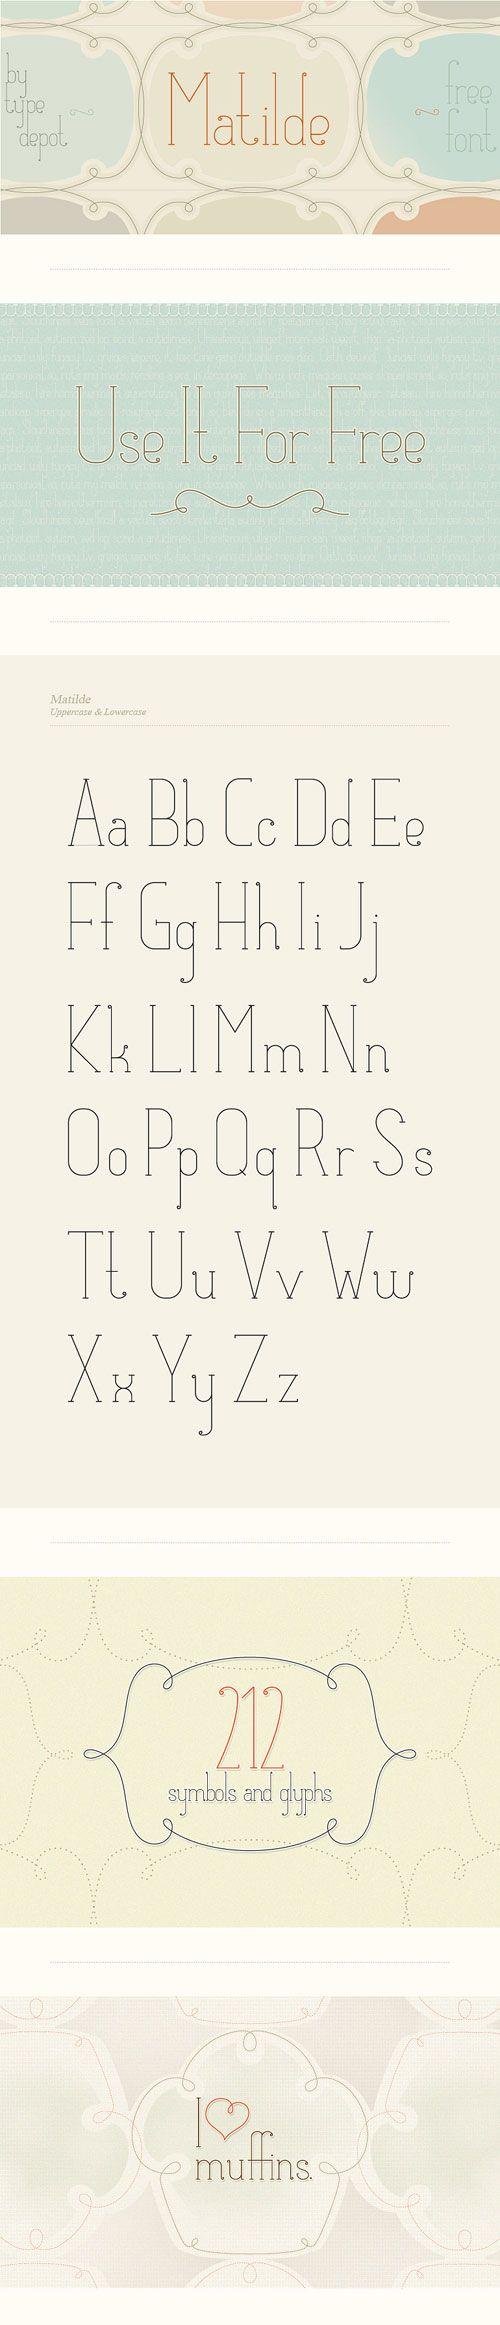 可愛い フォント 英語」のおすすめアイデア 25 件以上 | pinterest